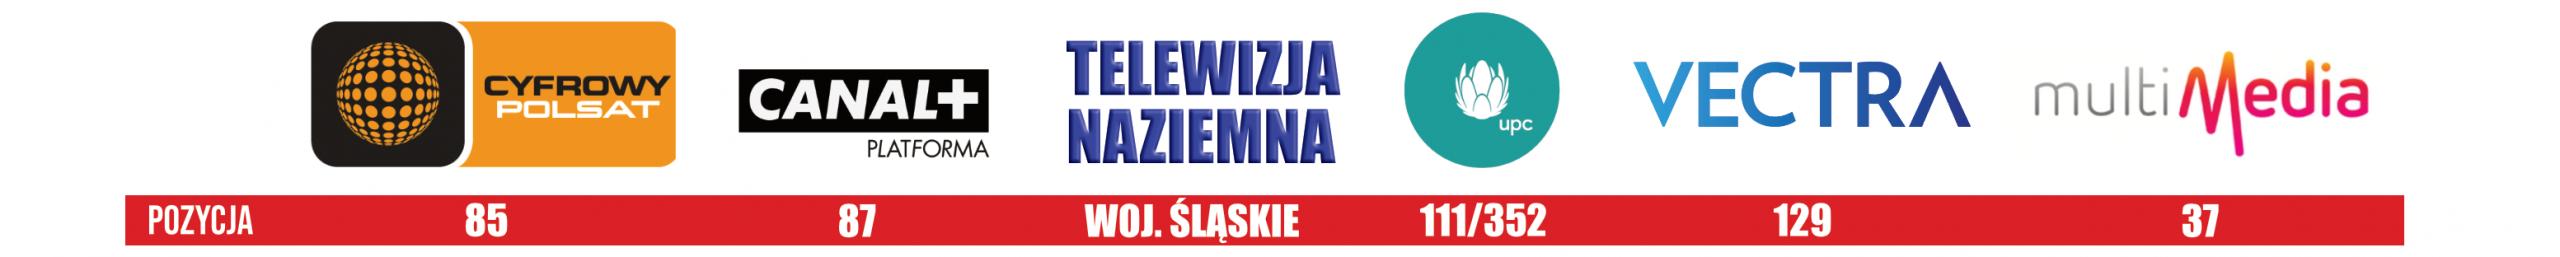 TVS w telewizji naziemnej (fot. TVS)